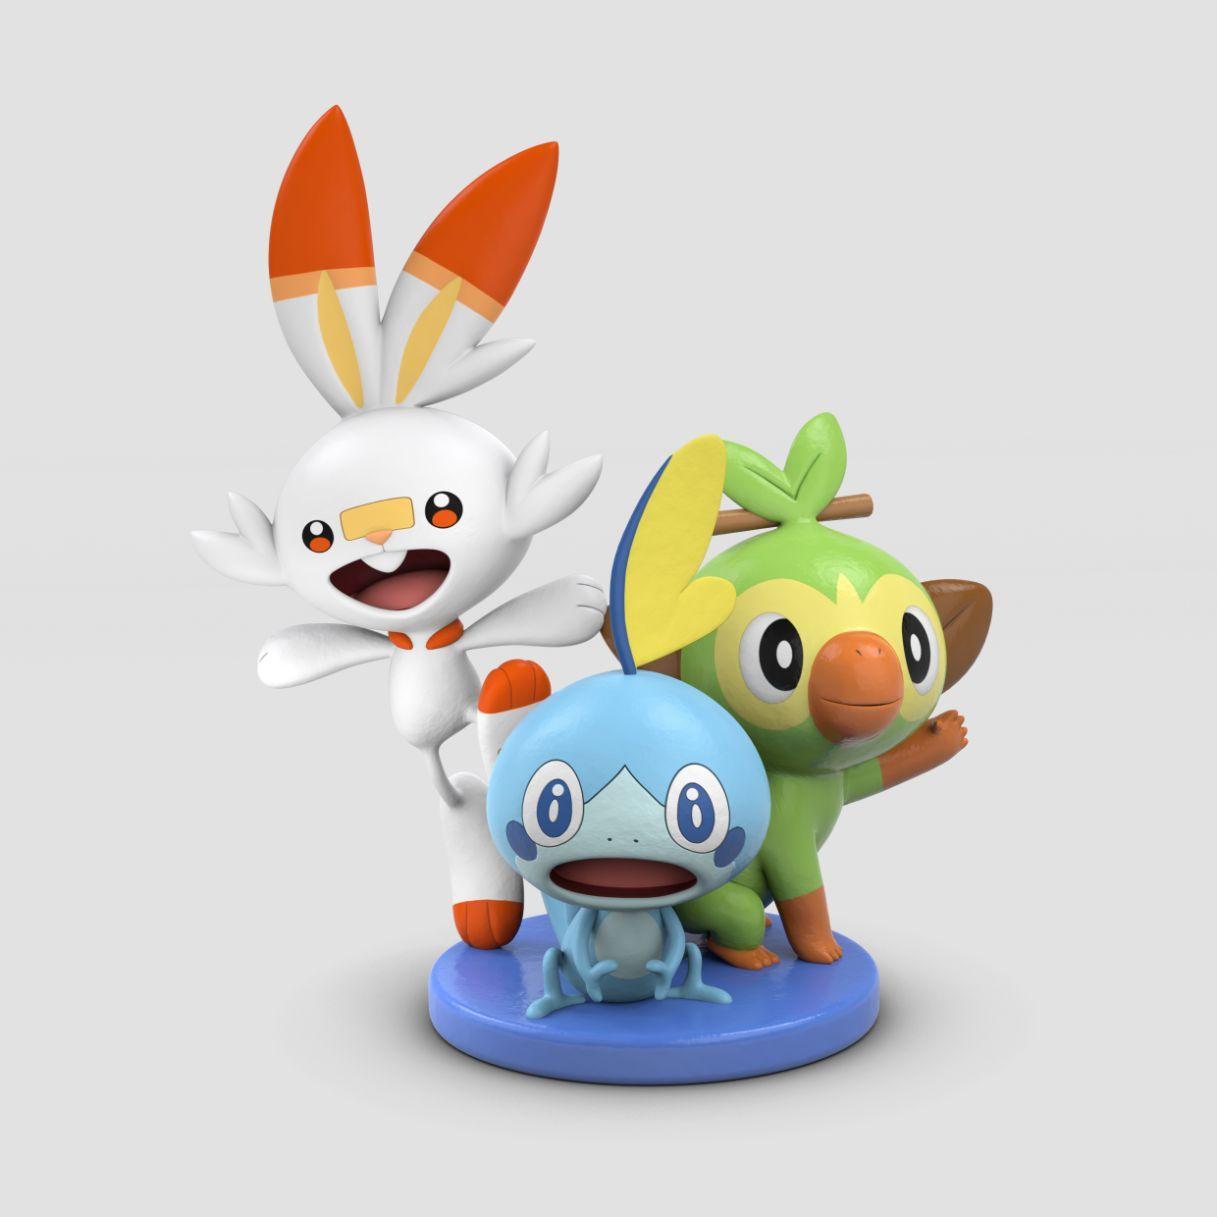 Figurine de Ouistempo, Flambino et Larméléon Pokémon Épée et Bouclier